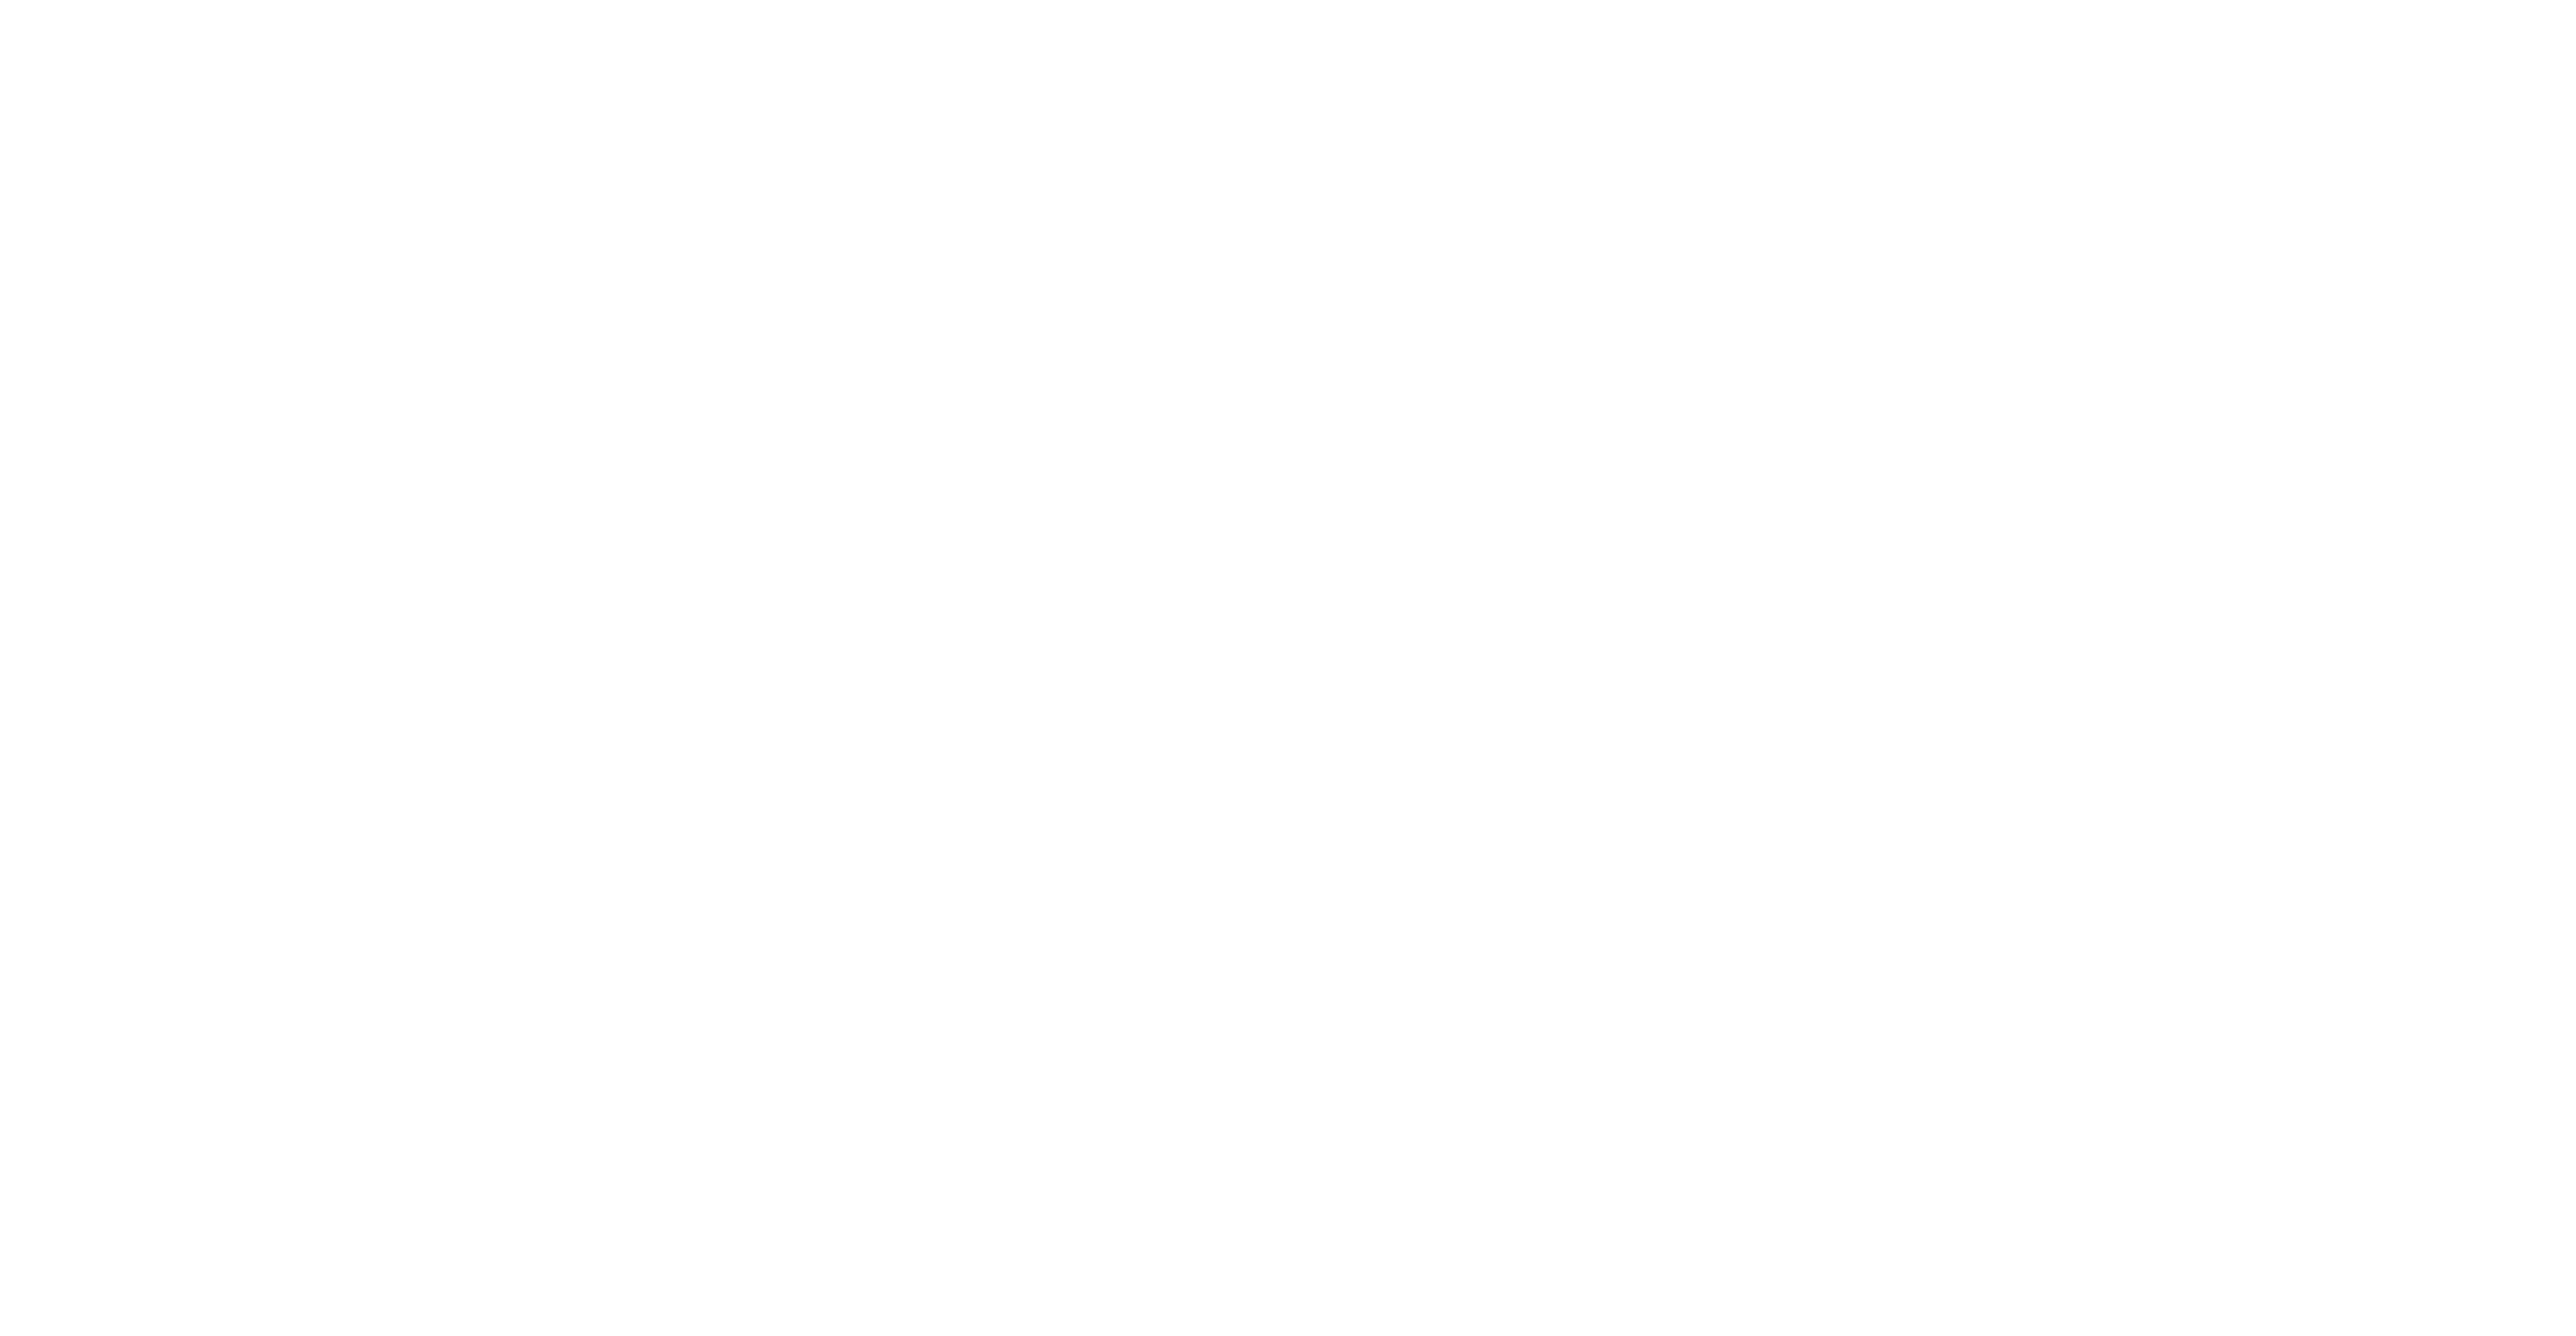 Gamani Group